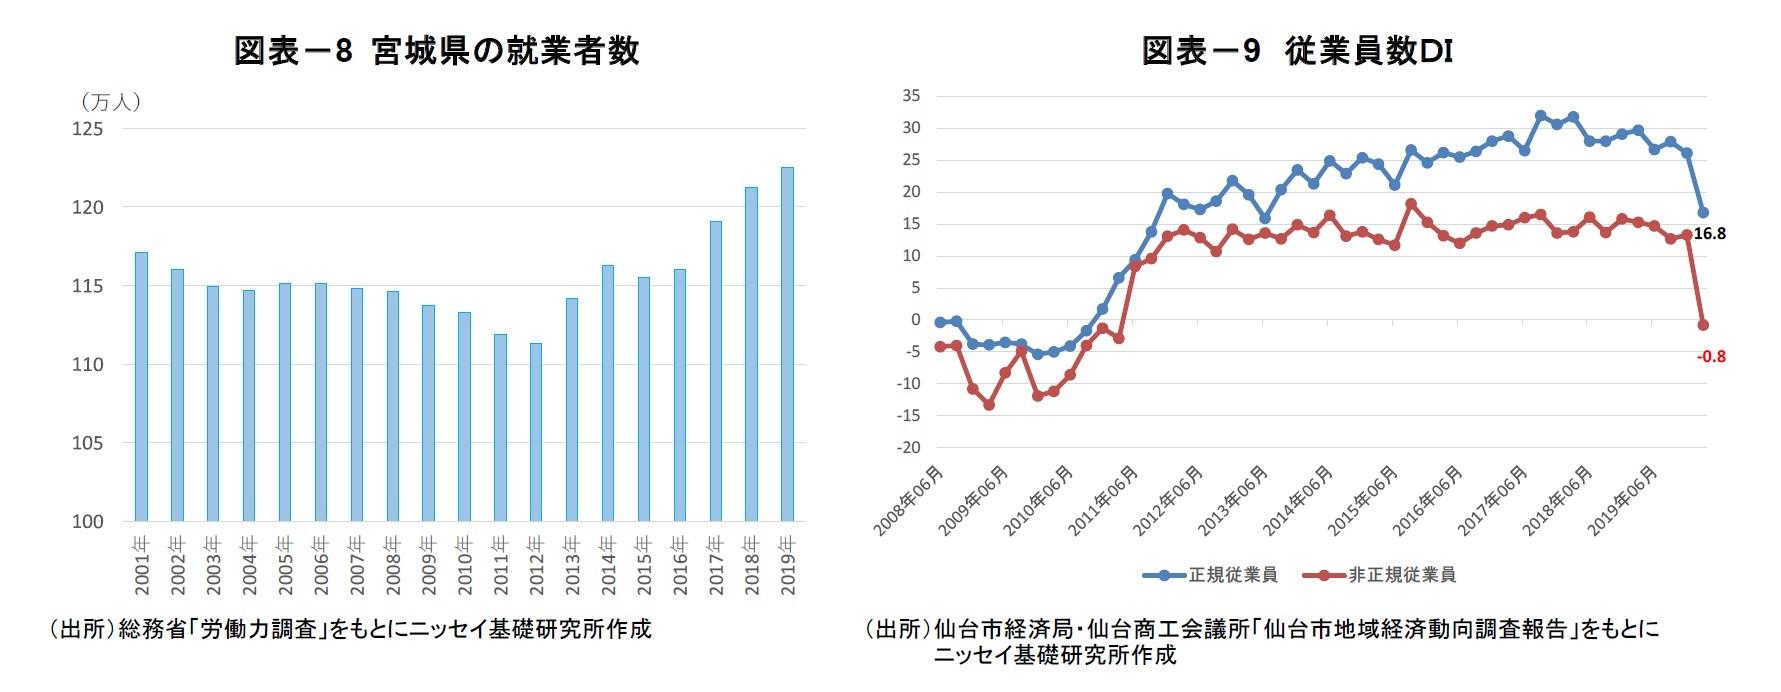 図表-8 宮城県の就業者数/図表-9 従業員数DI